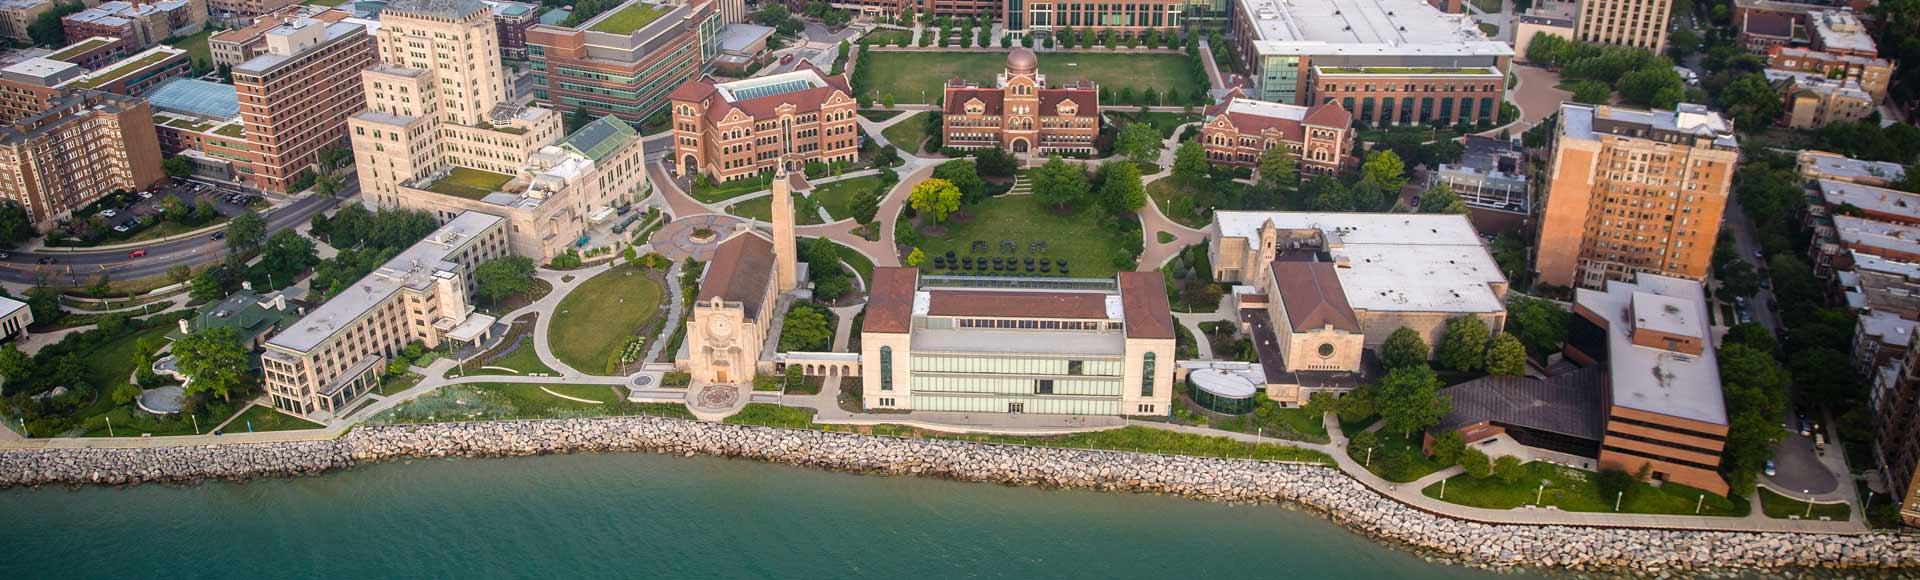 loyola-university-chicago.jpg